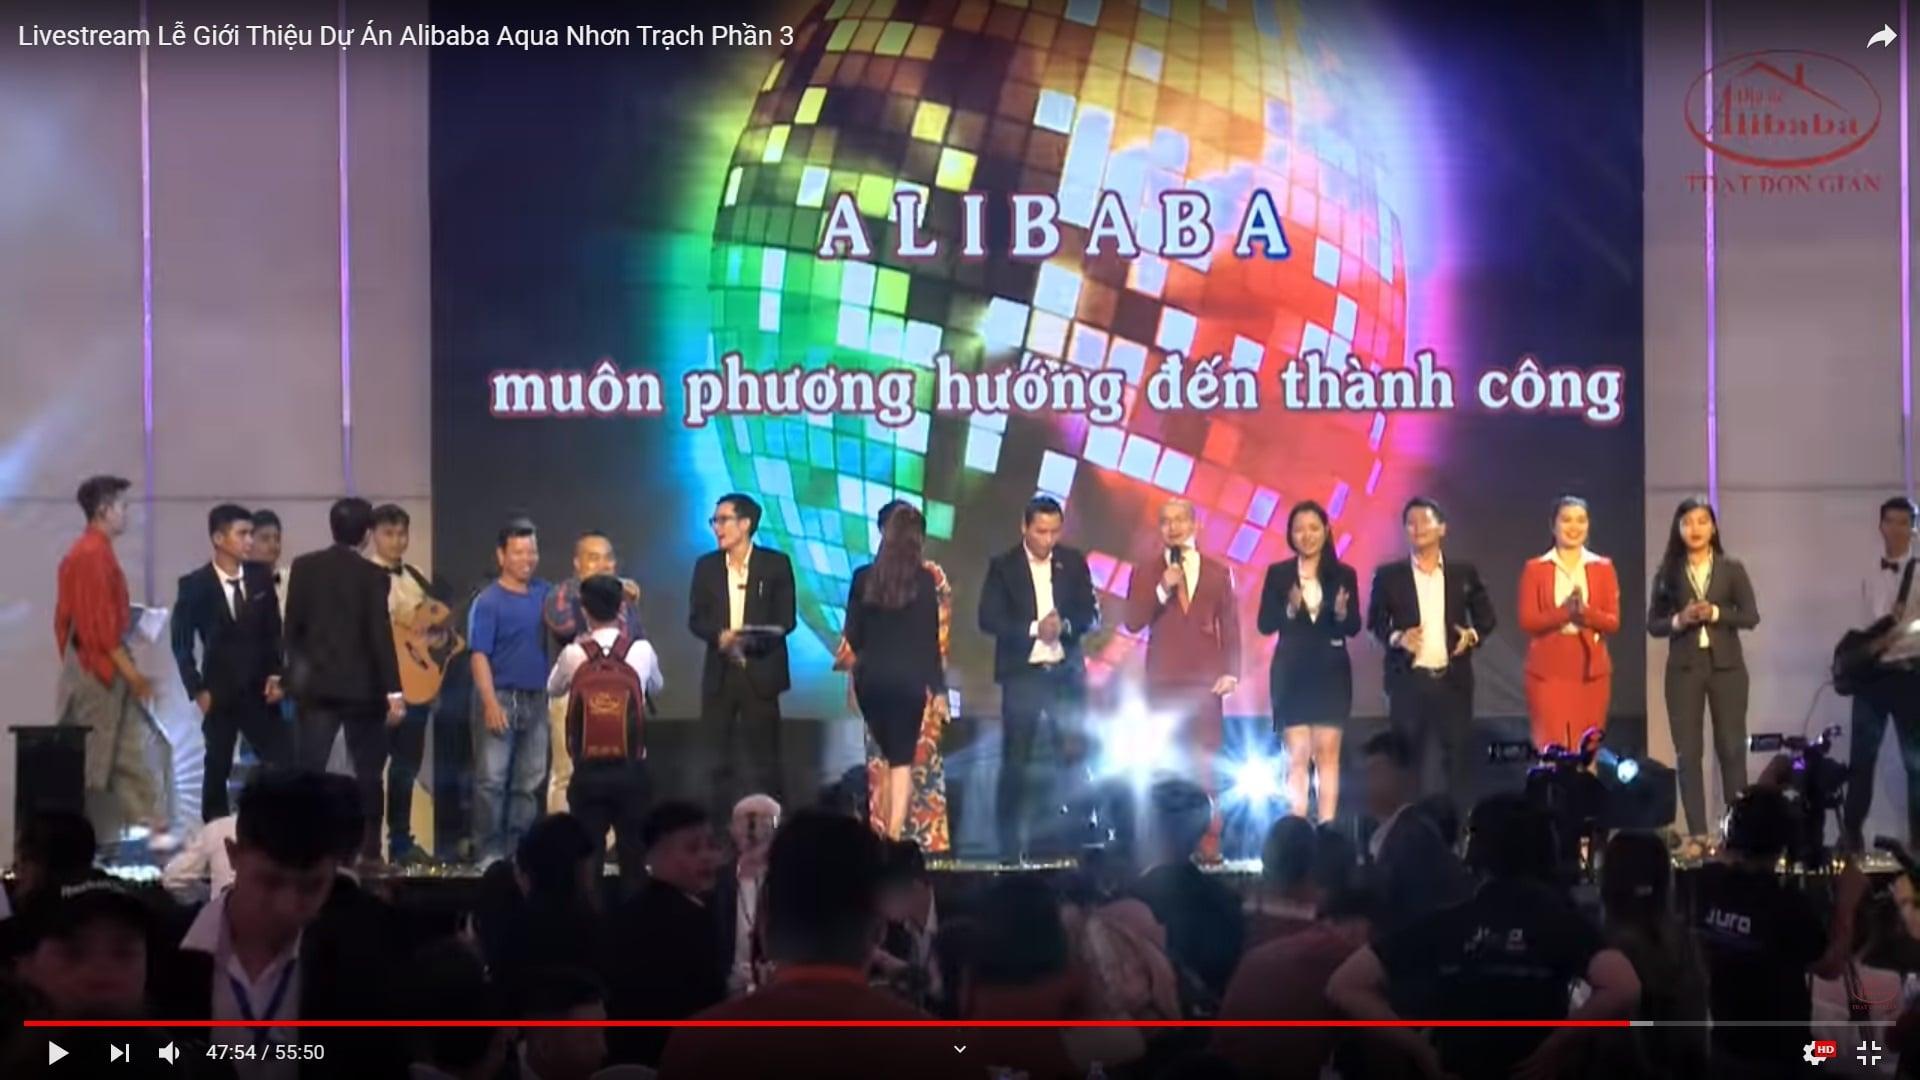 nh 1.Chủ tịch Nguyễn Thái Luyện và bí mật chiêu trò của Alibaba. - Nguyễn Thái Luyện và những bí ẩn về chiêu trò của Alibaba.